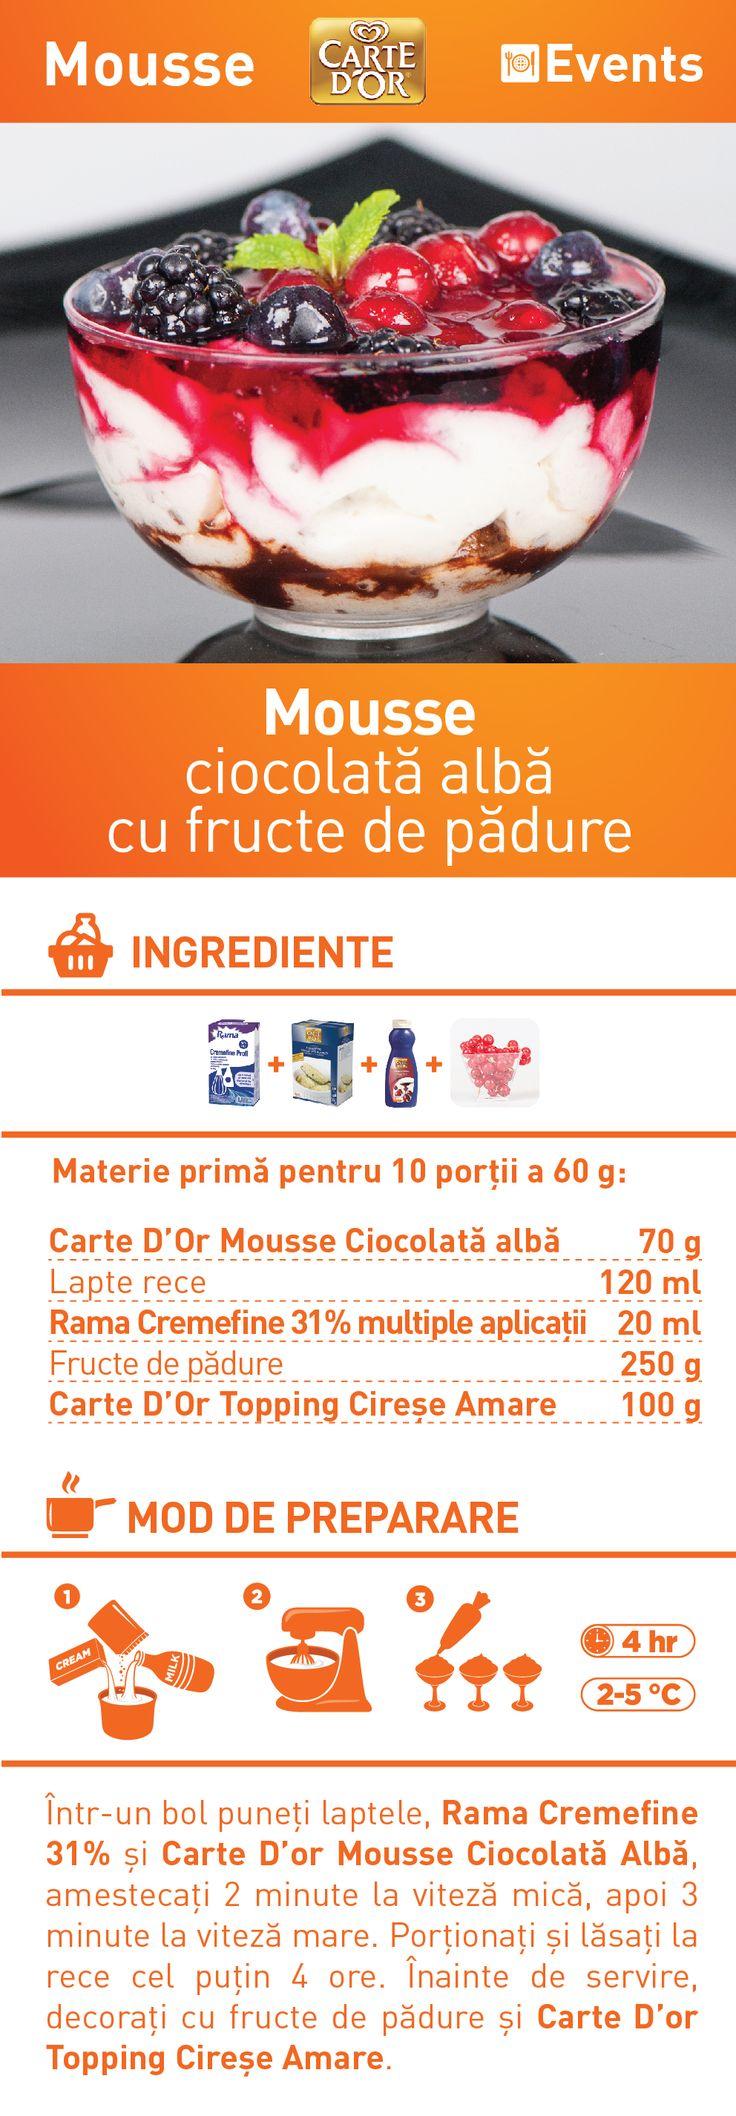 Mousse ciocolata alba cu fructe de padure - RETETA